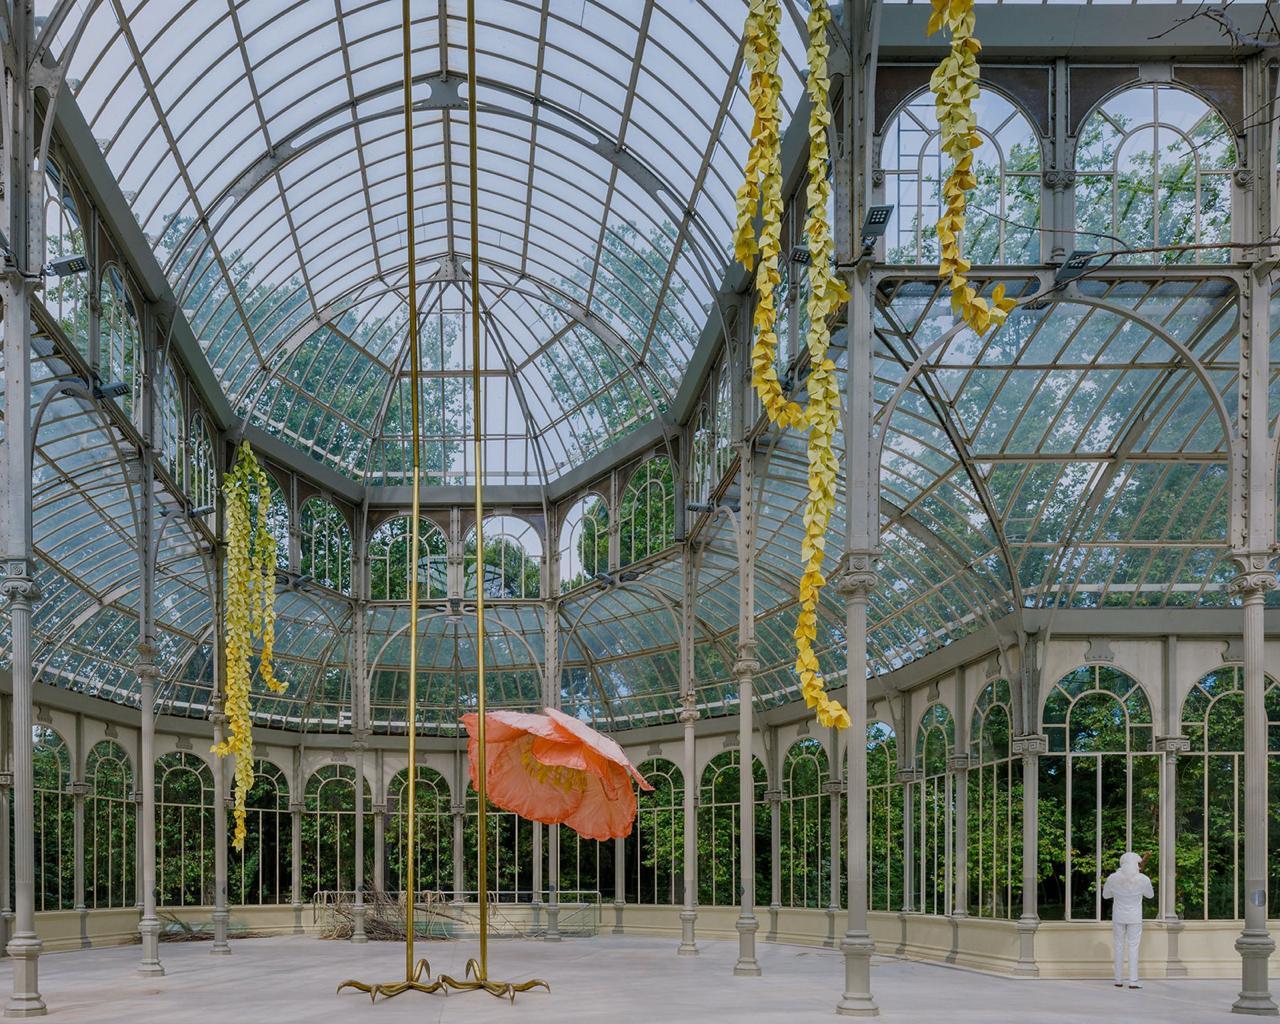 00003muestra flores Petrit Halilaj palacio de cristal